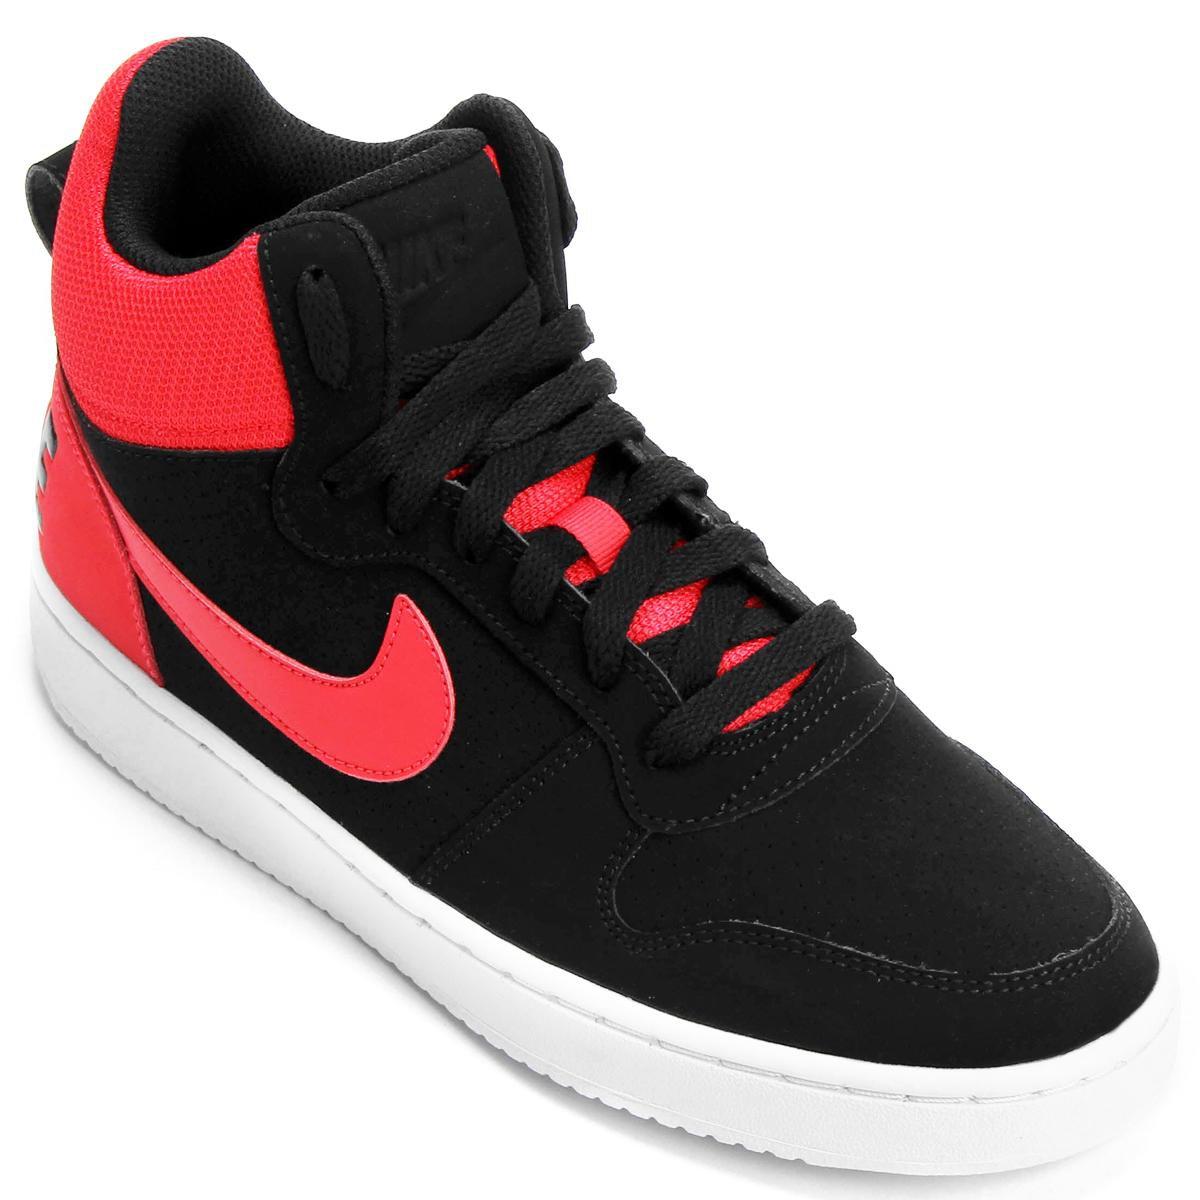 de252b6c973 Tênis Couro Cano Alto Nike Recreation Mid Masculino - Preto e Vermelho - Compre  Agora